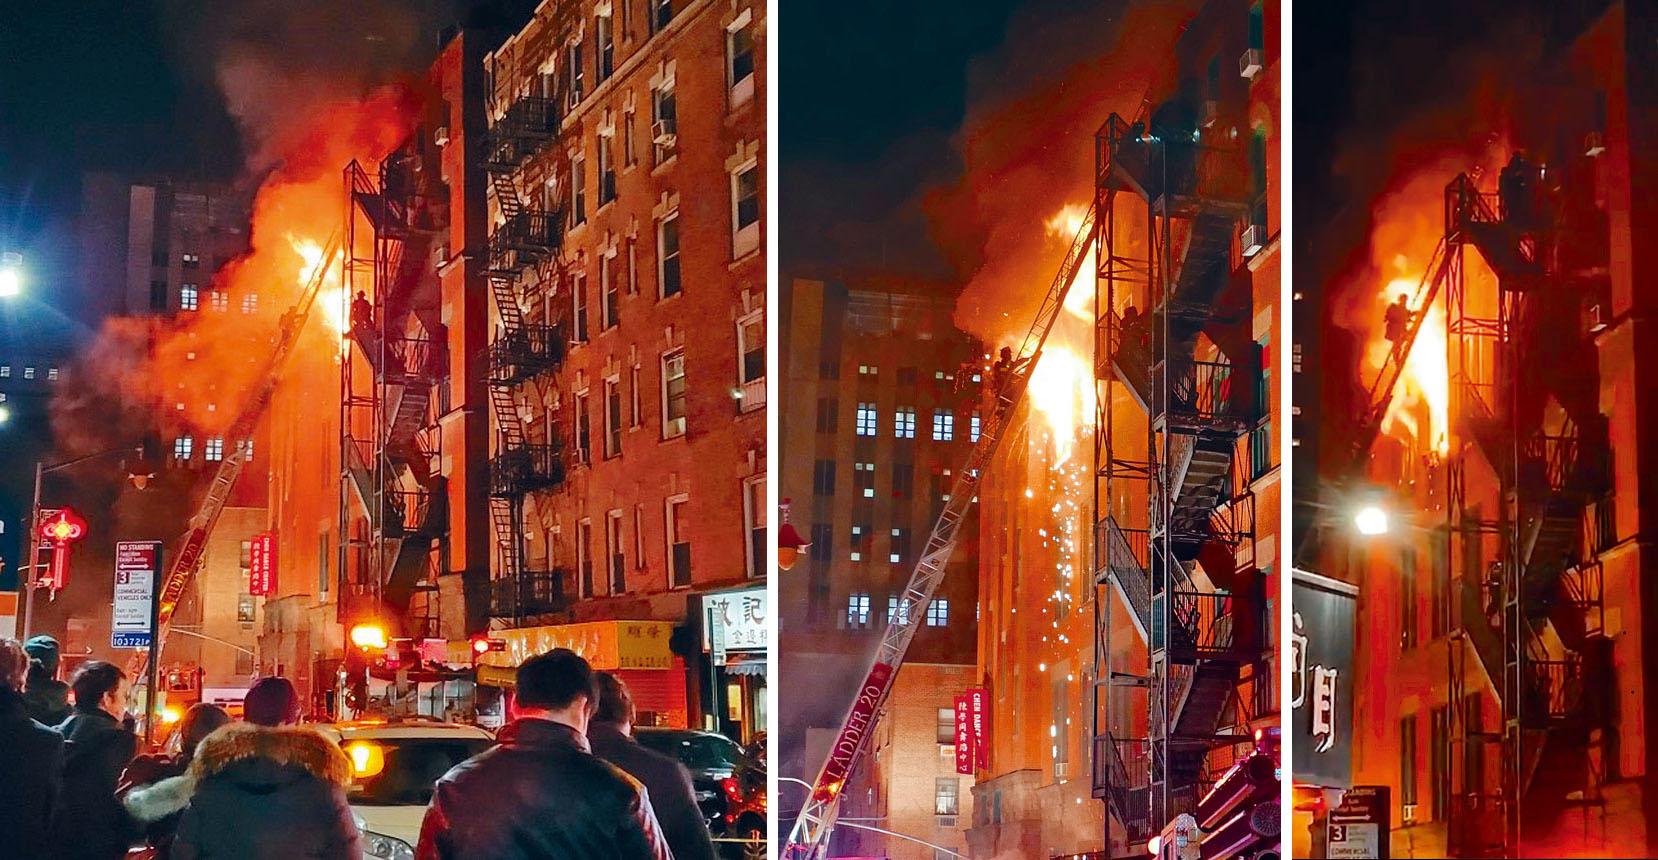 (左圖)群眾圍觀救火。(中圖)消防員勇赴災場。(右圖)消防員小心奕奕接近火場。